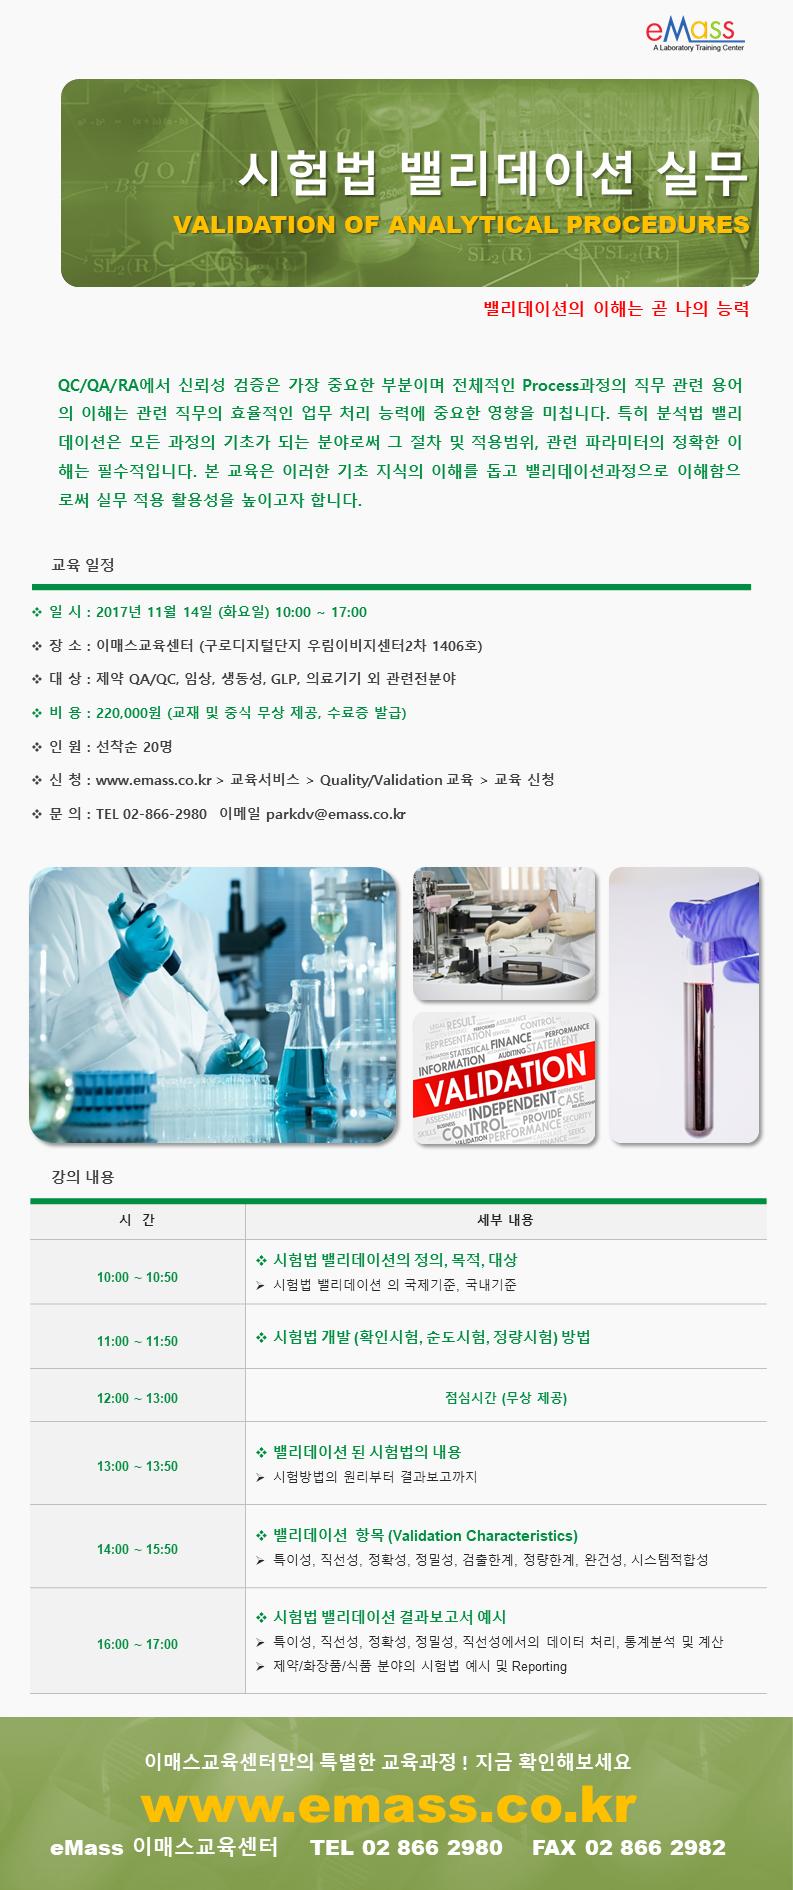 시험방법 밸리데이션_11월 14일.png